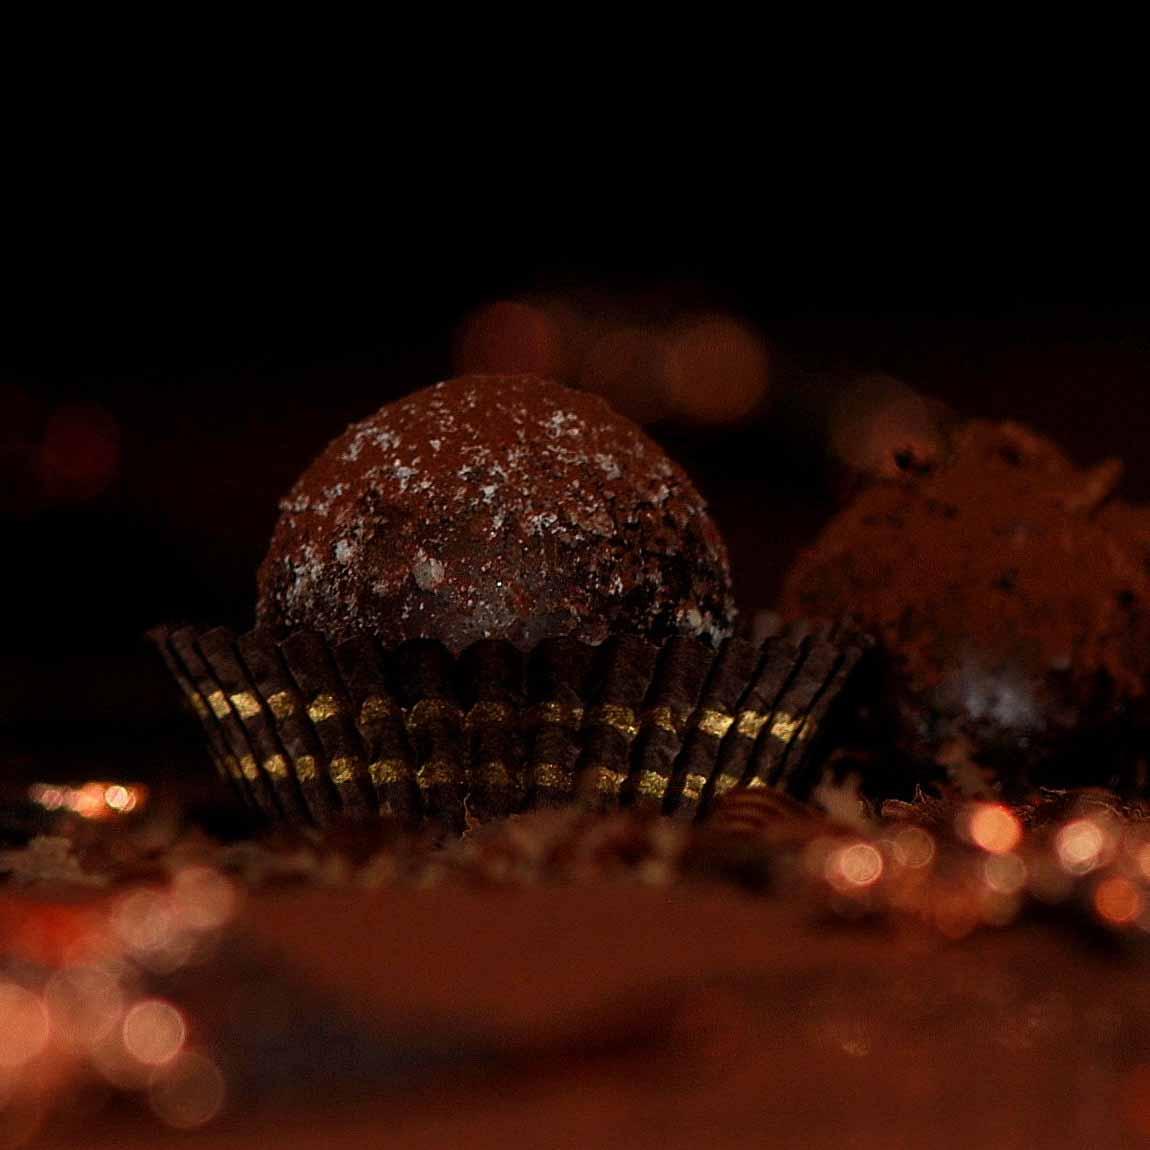 Schokolade in der Schokogalerie in Mitte